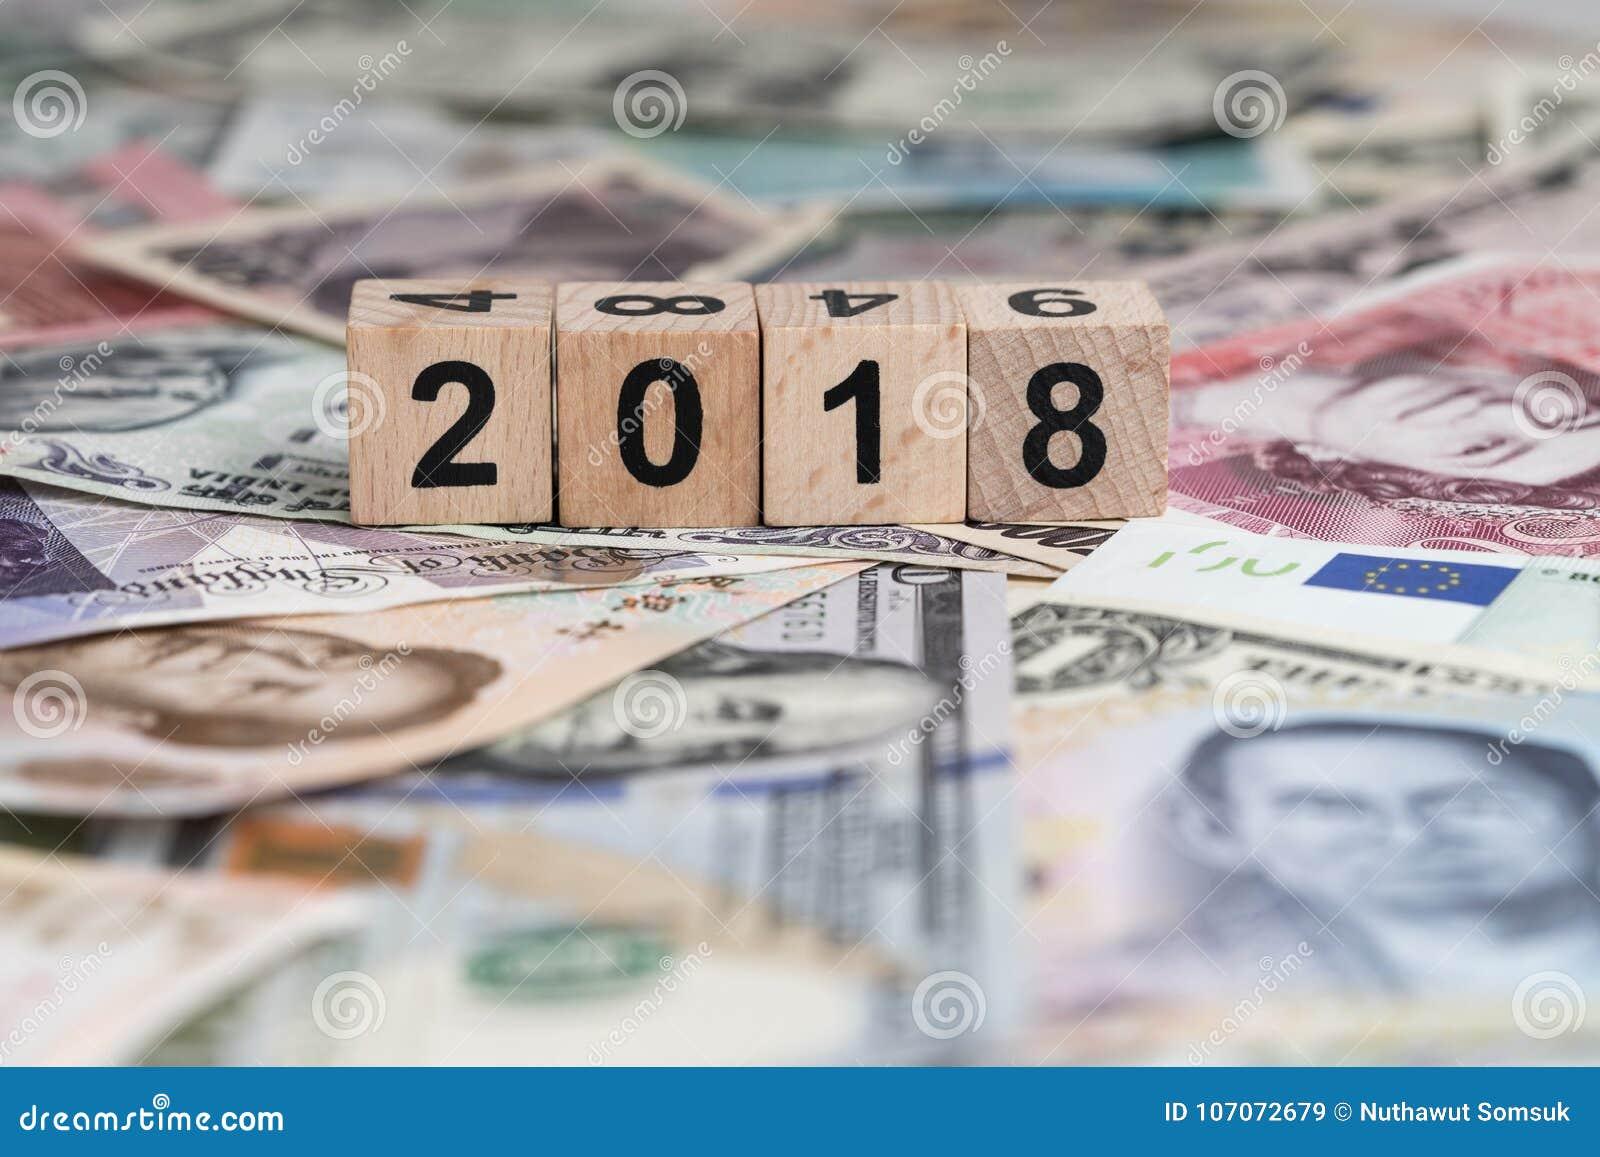 Conceito econômico ou financeiro do mundo 2018 do ano com cubo b de madeira